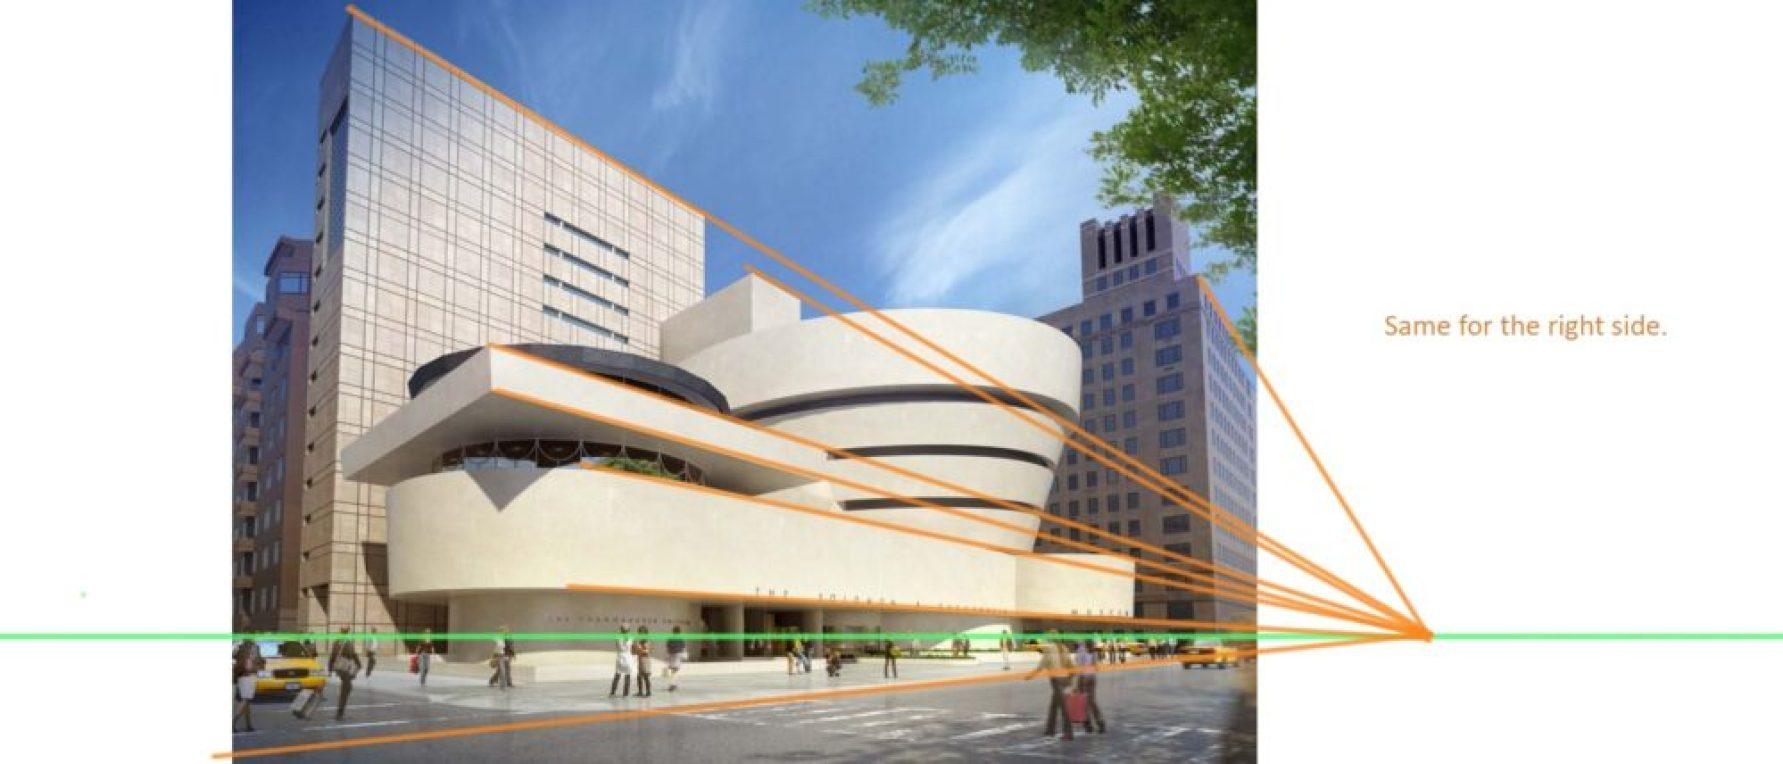 Guggenheim museum New York City 7